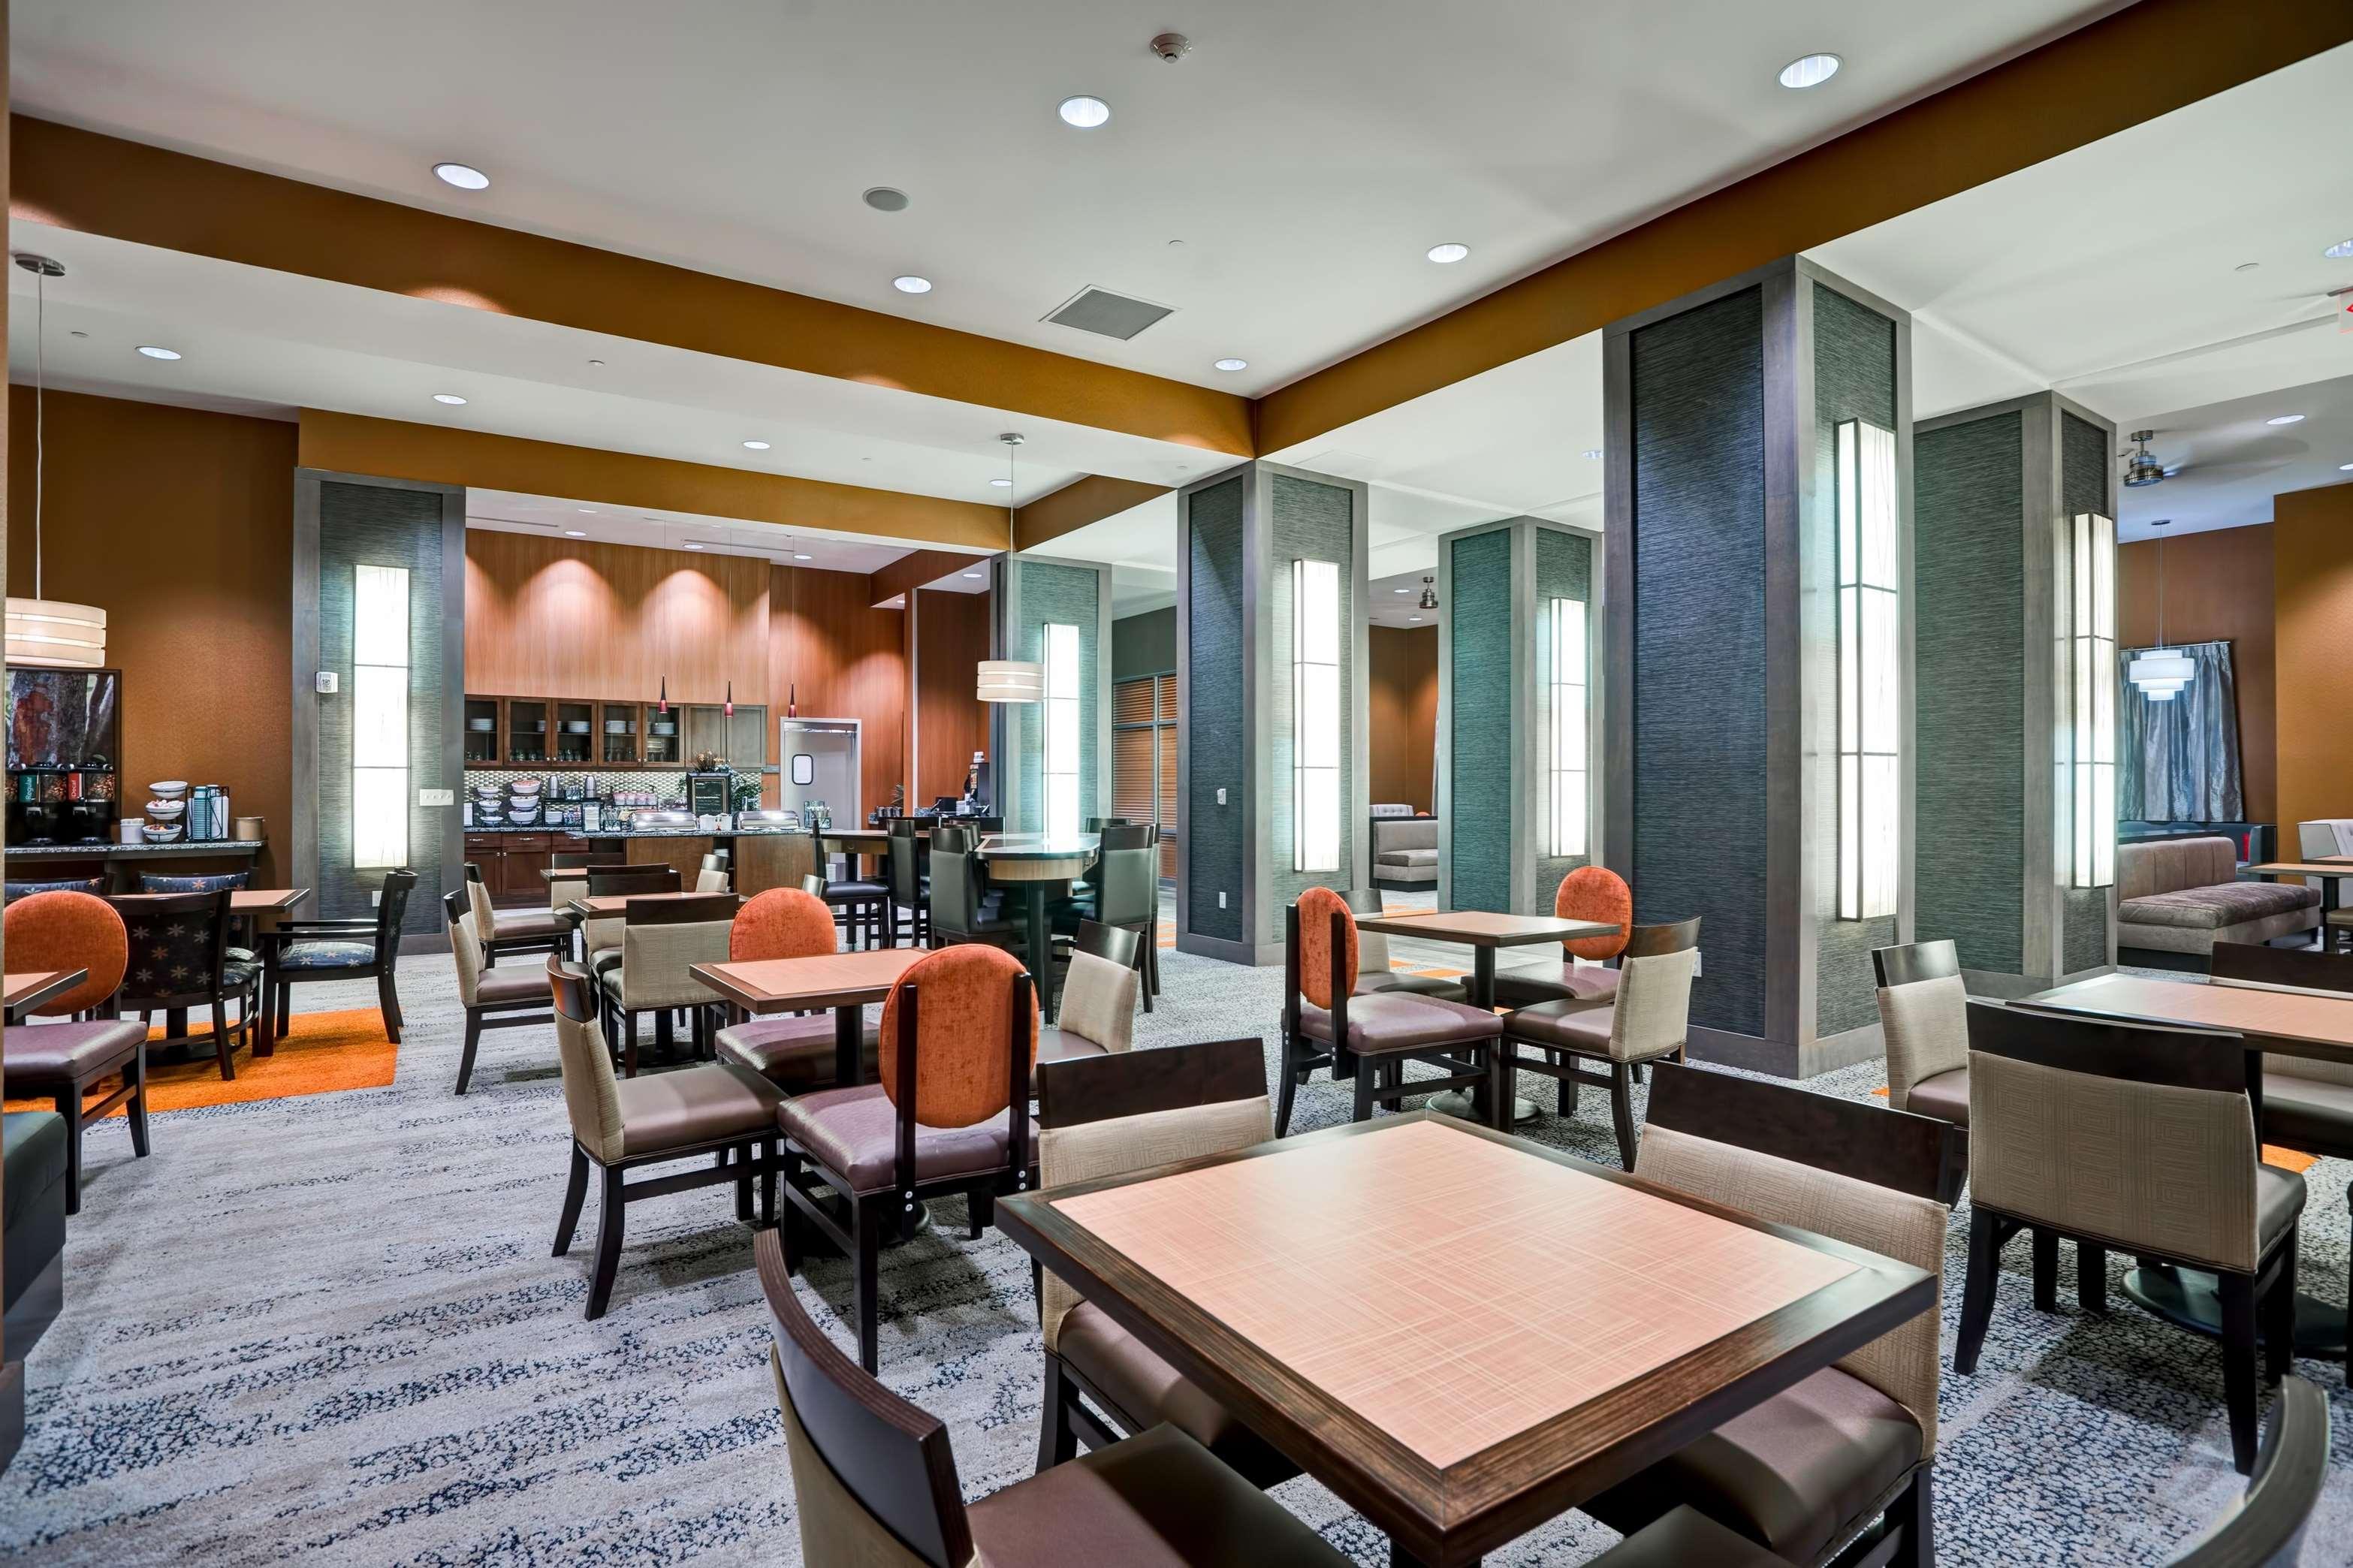 Homewood Suites by Hilton Nashville Franklin Cool Springs image 4